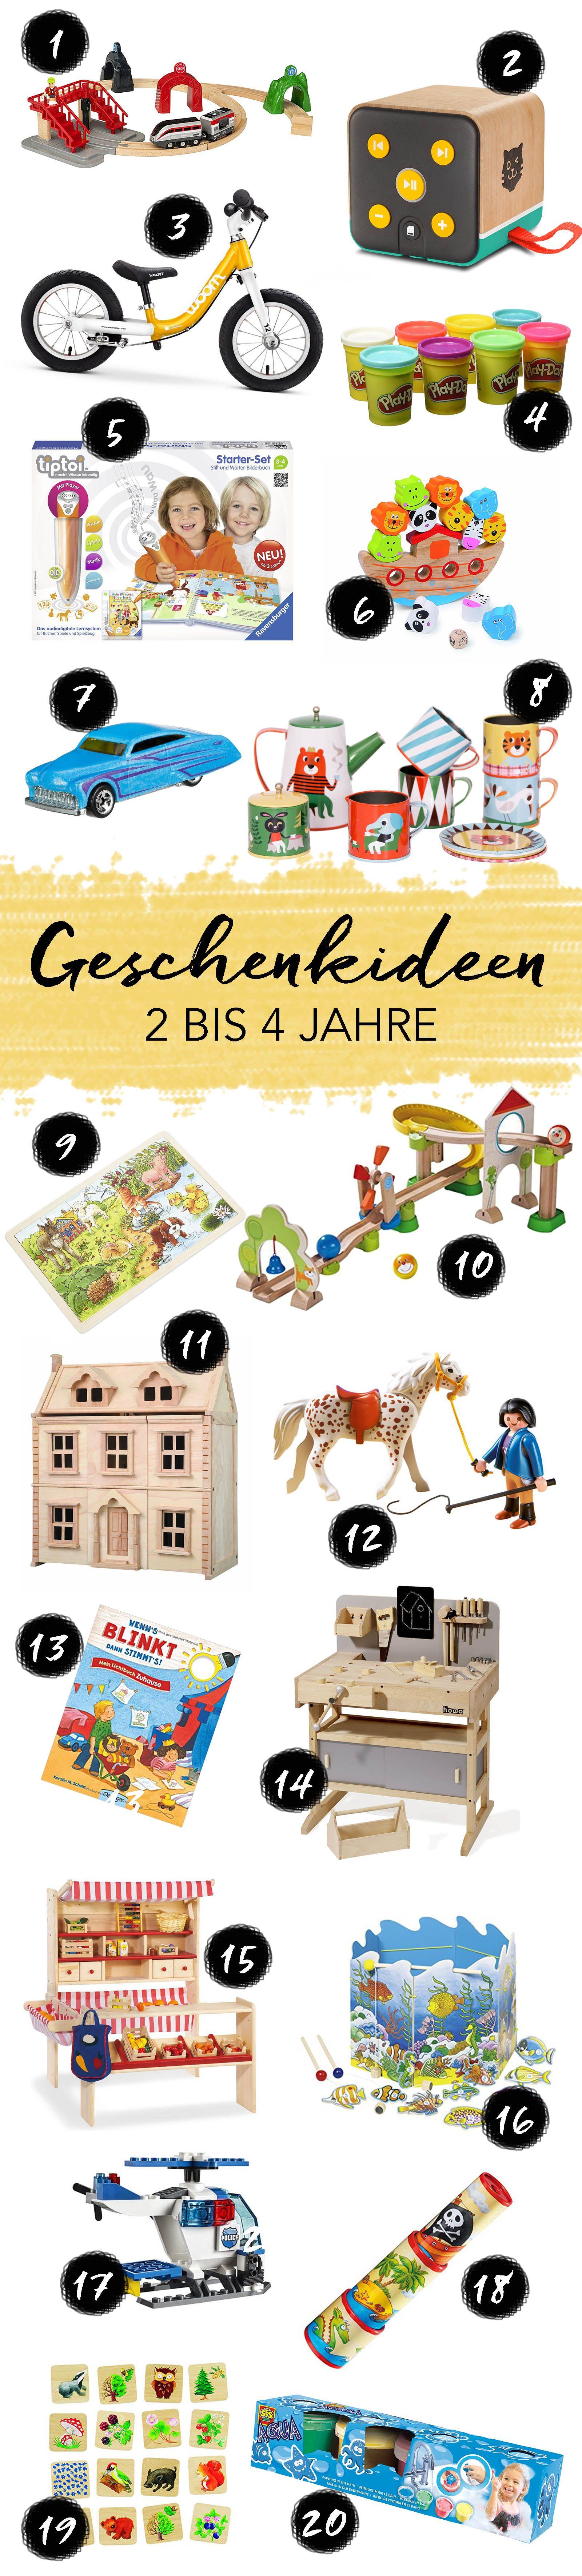 Geschenkideen für Kinder im Alter von 2 bis 3 Jahren ...